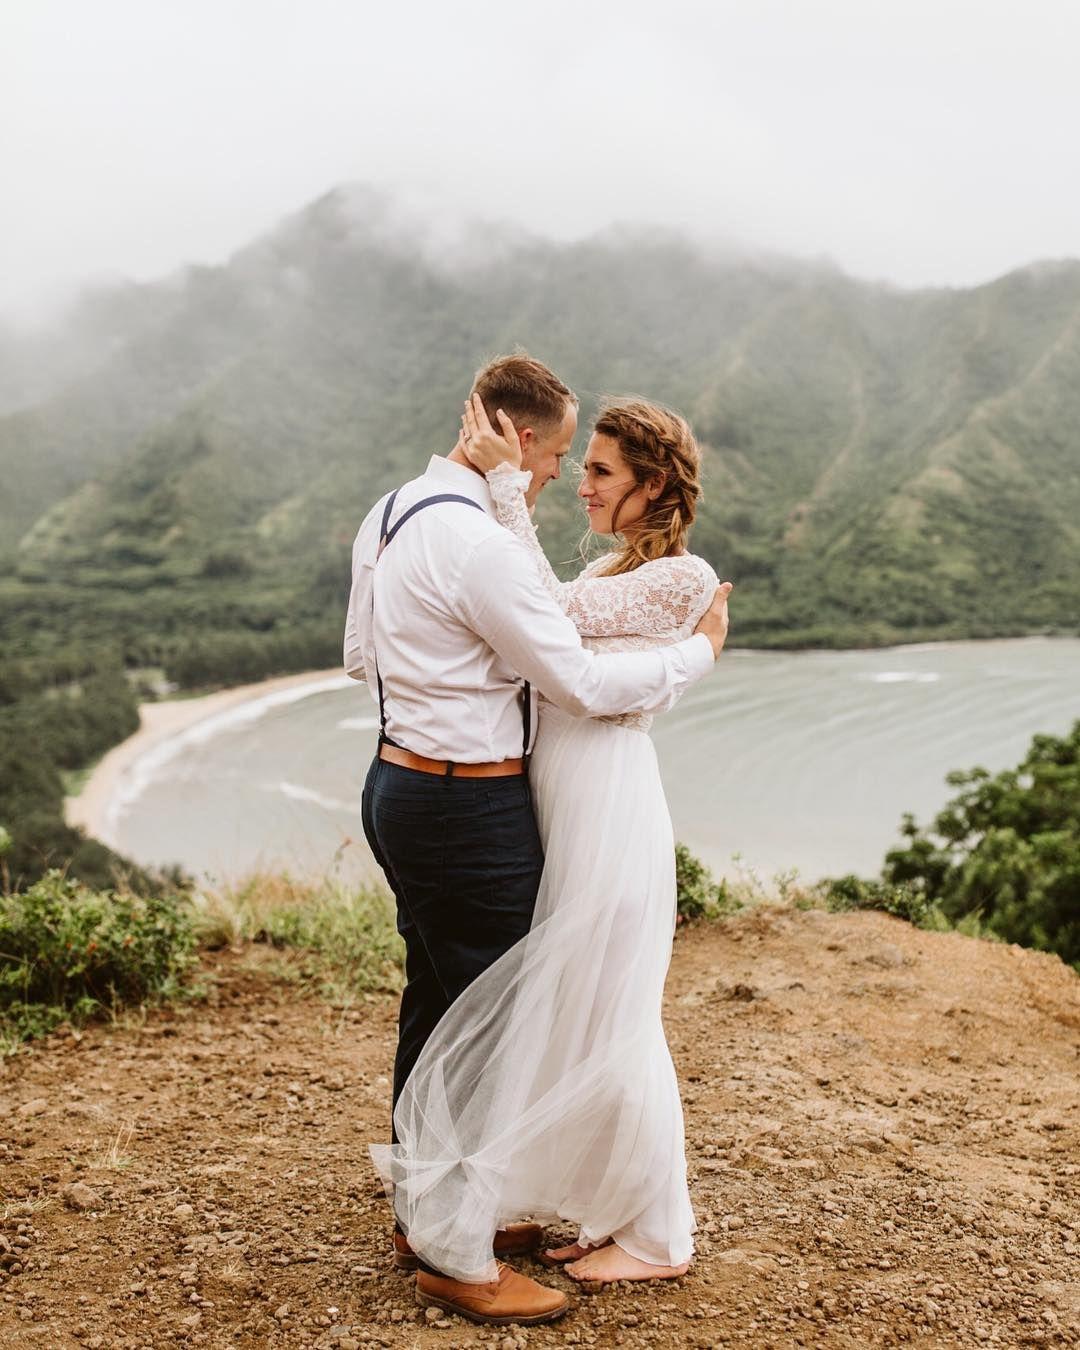 Oahu hiking mountaintop elopement. Hawaii. Adventurous